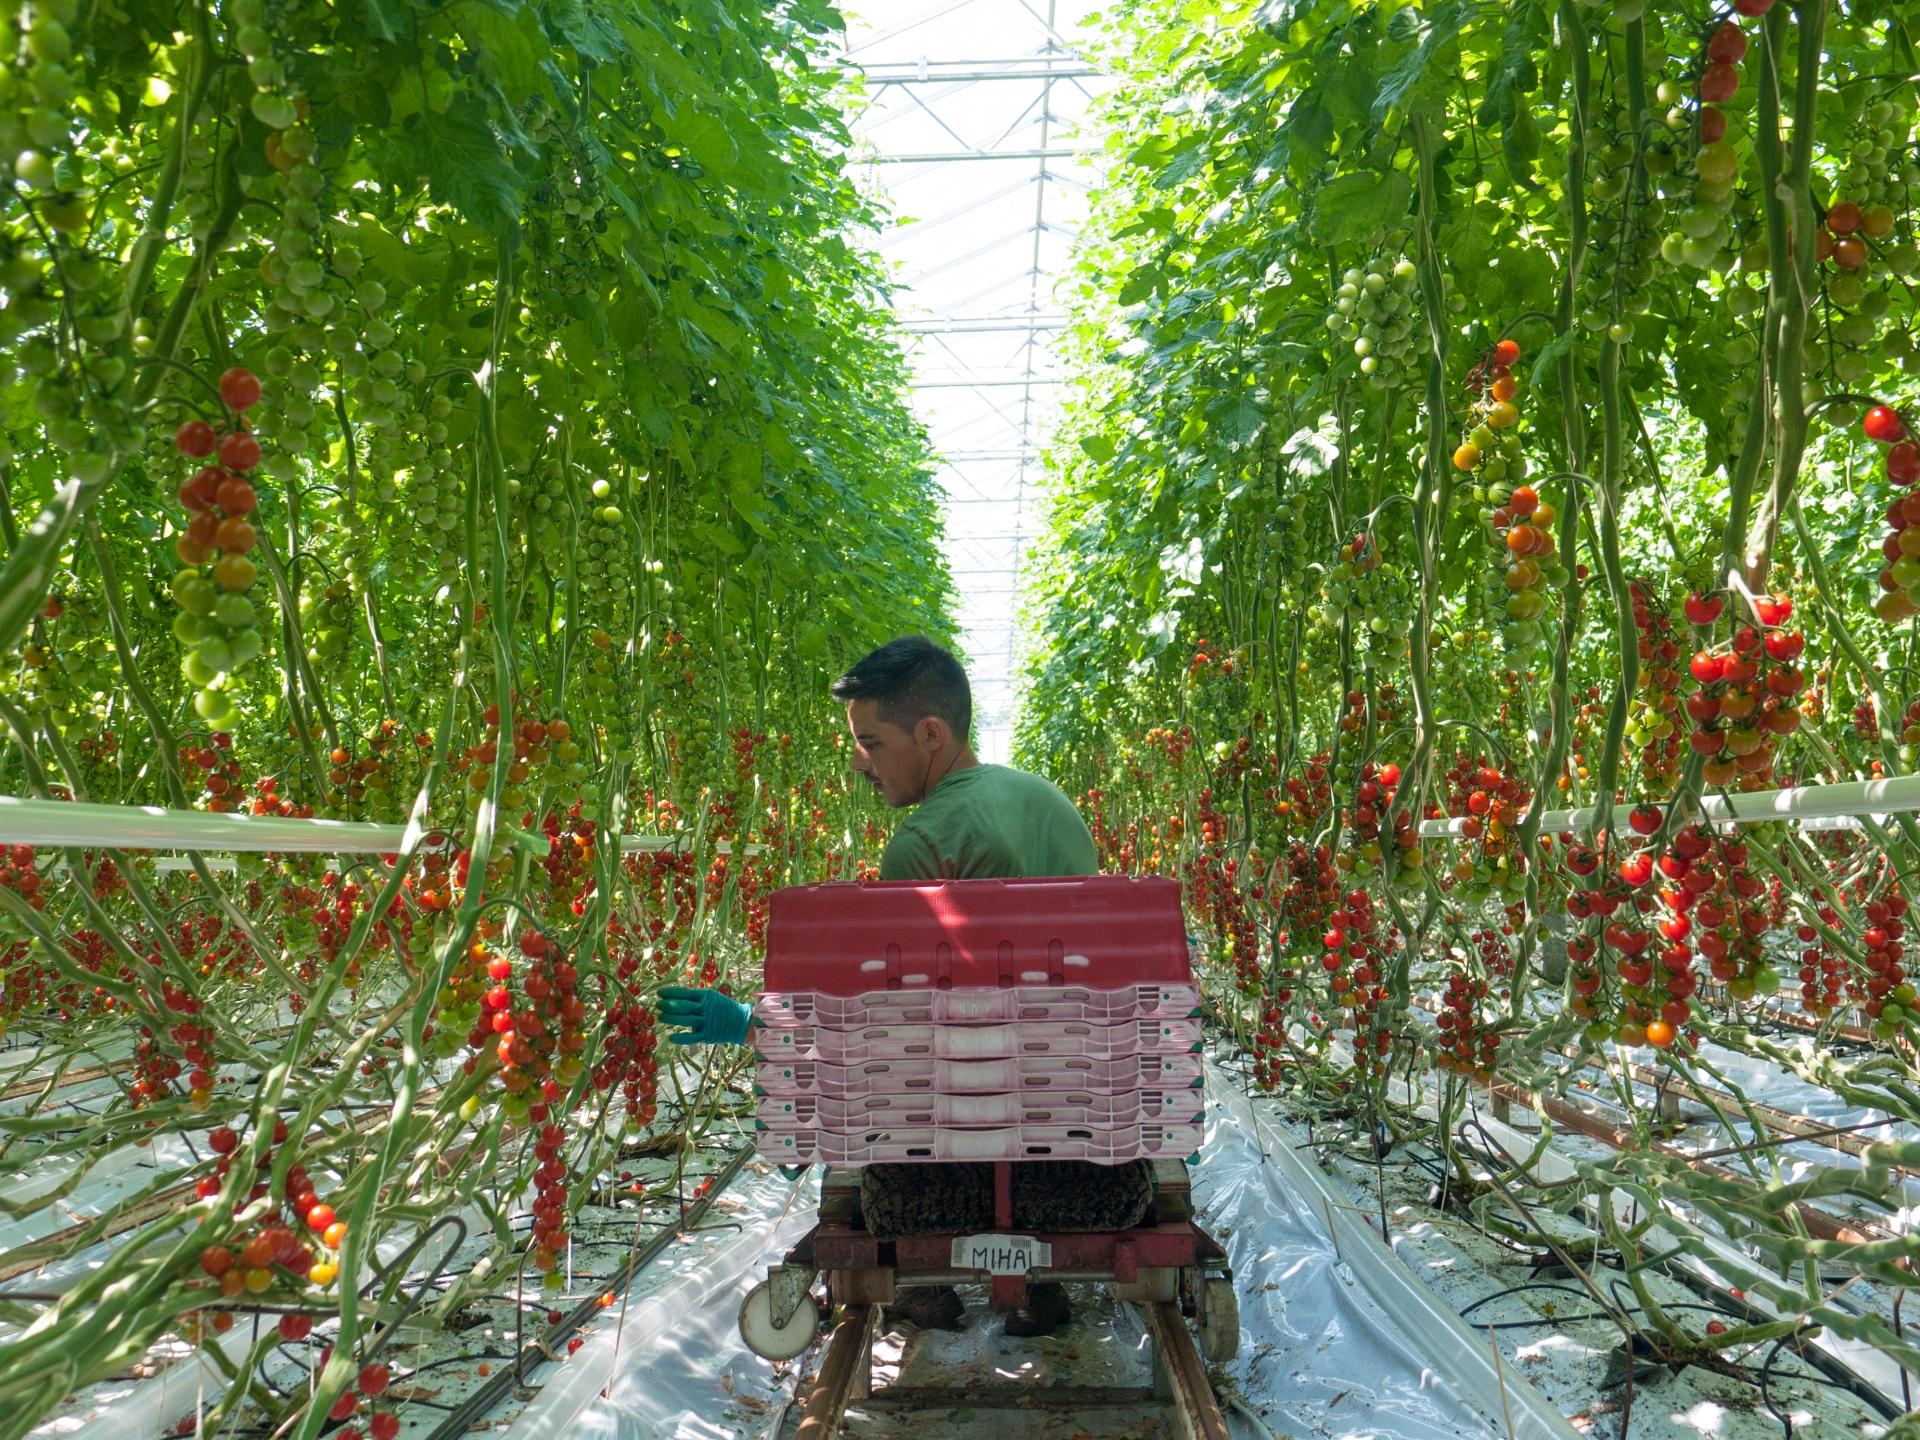 Tomato Stall Vines-15